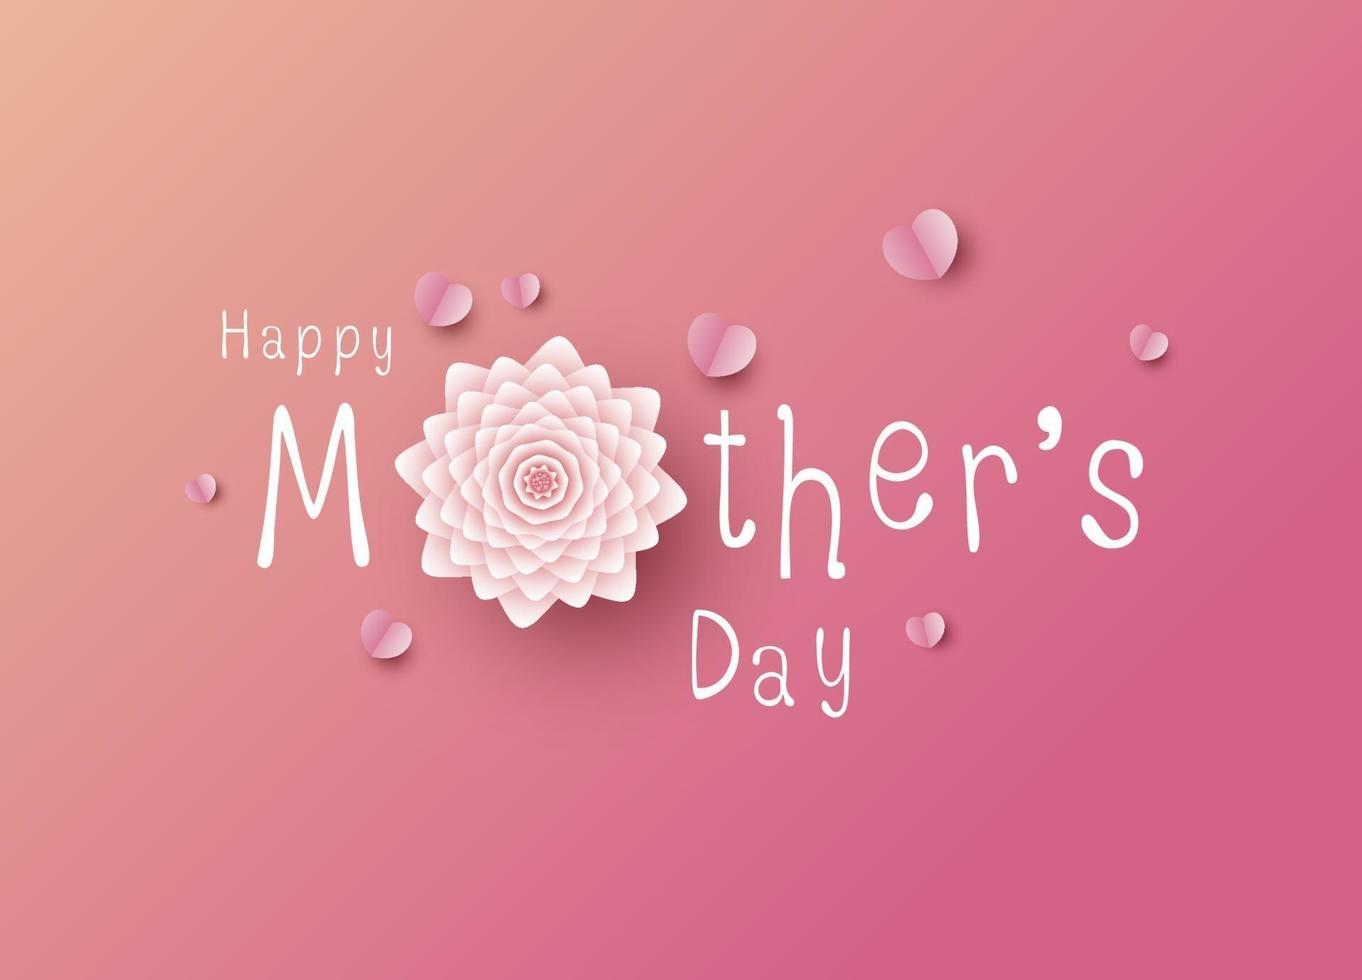 Diseño de feliz día de las madres sobre fondo rosa ilustración vectorial vector